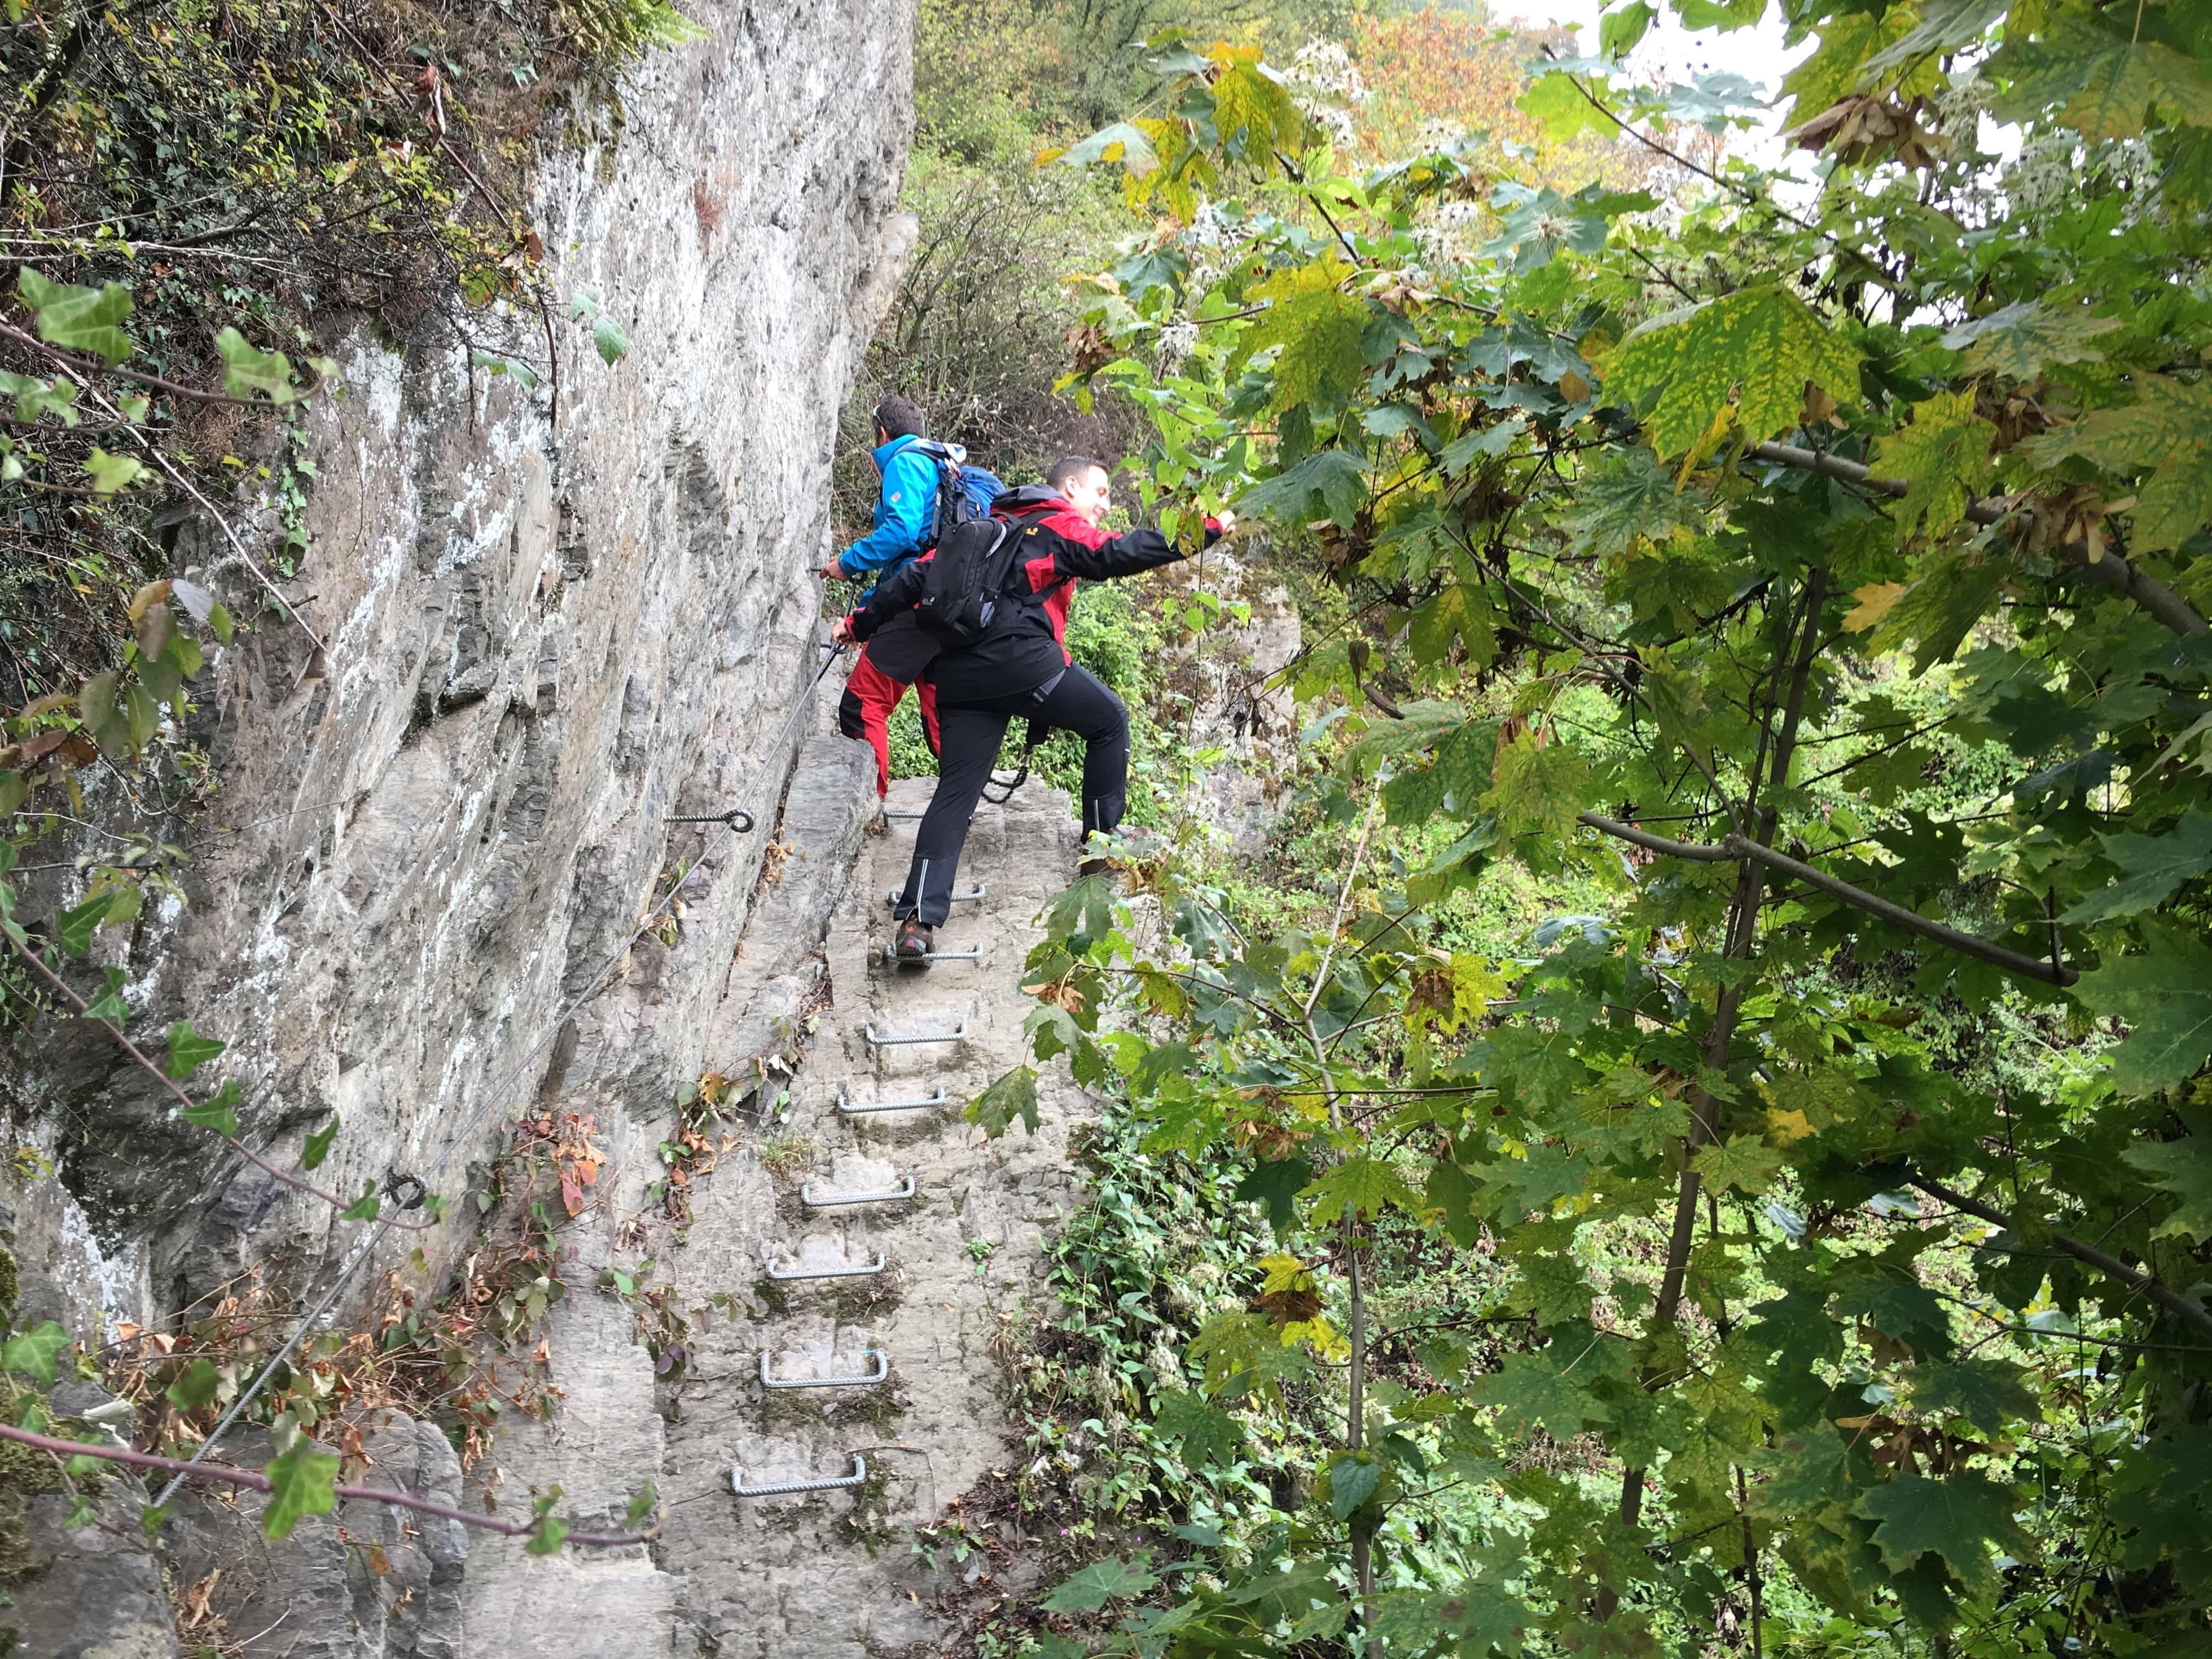 Klettersteig Rhein Boppard : Klettersteig boppard an der grÖssten rhein schleife deutschlands